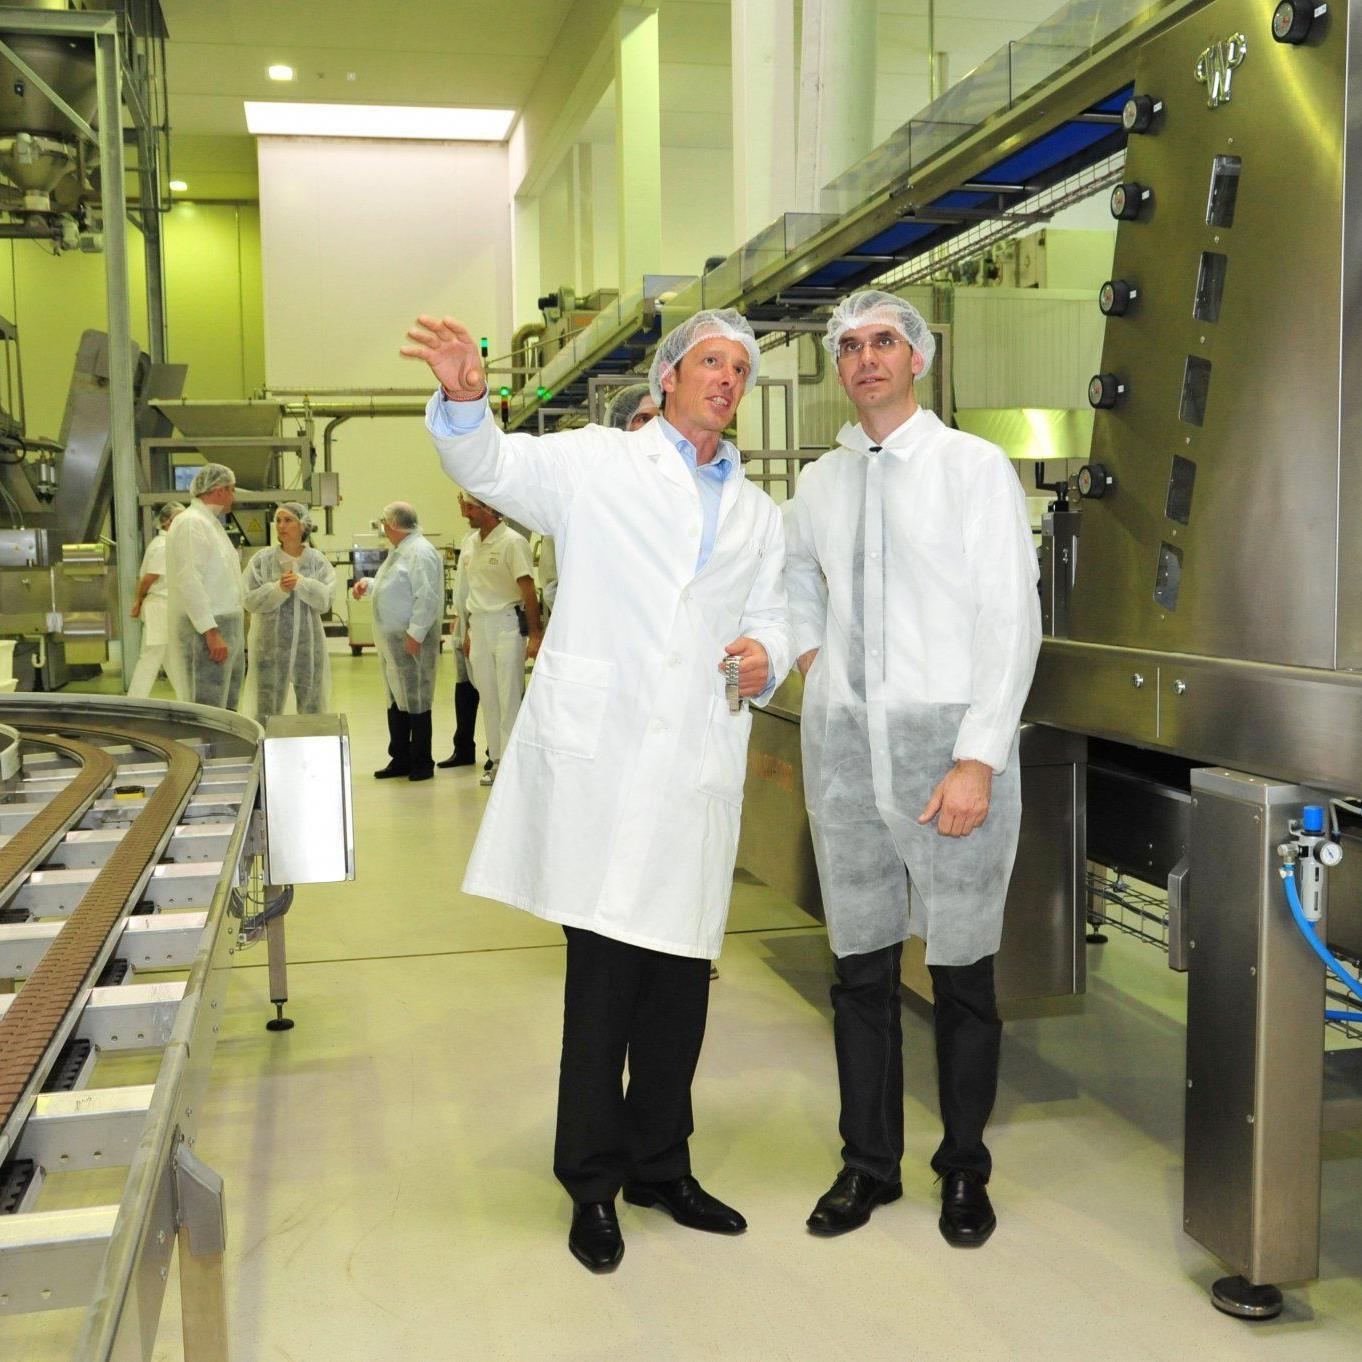 Landeshauptmann Markus Wallner zu Besuch bei innovativen Unternehmen in Dornbirn - im Bild bei der Firma Ölz